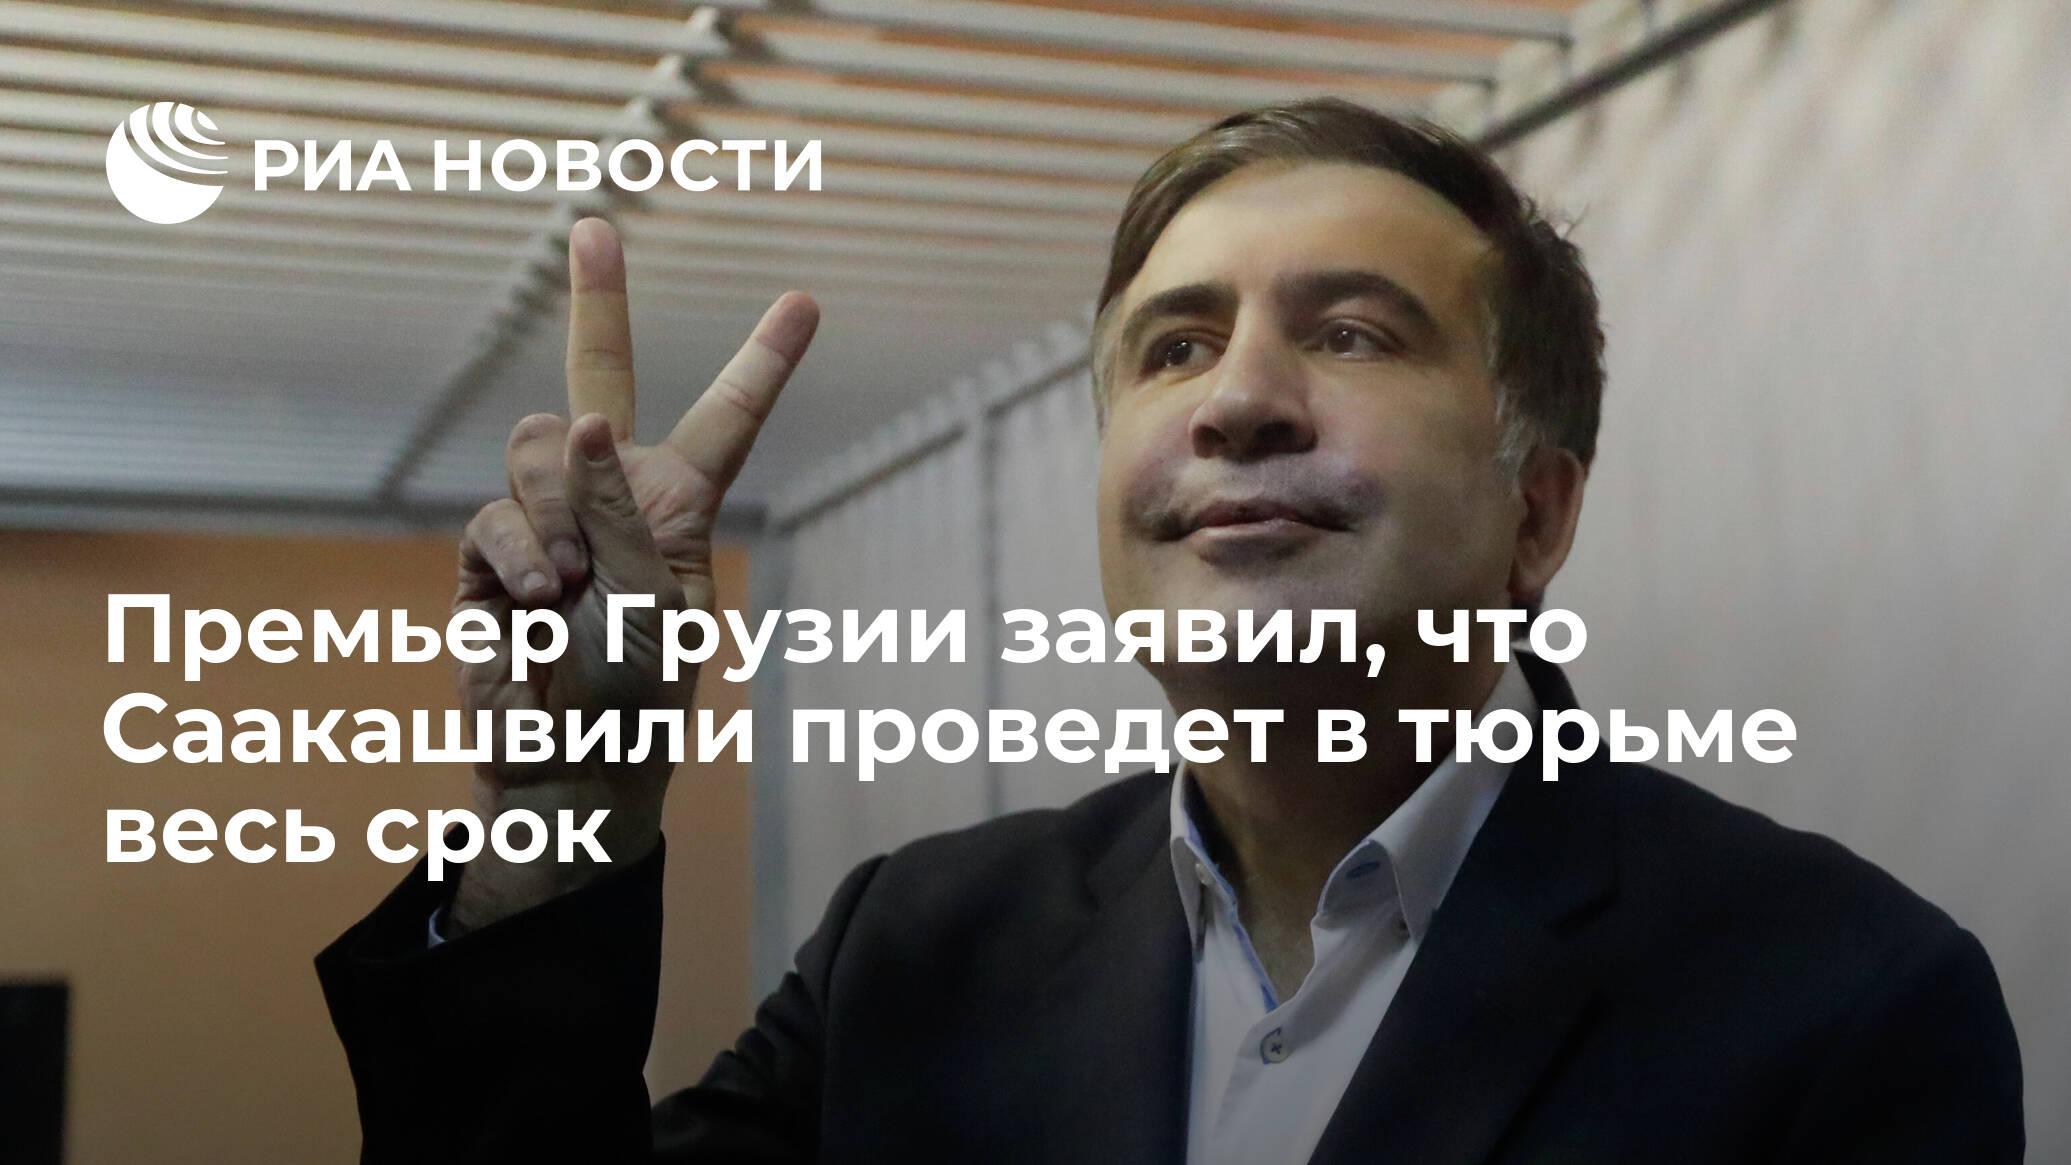 Премьер Грузии заявил, что Саакашвили проведет в тюрьме весь срок